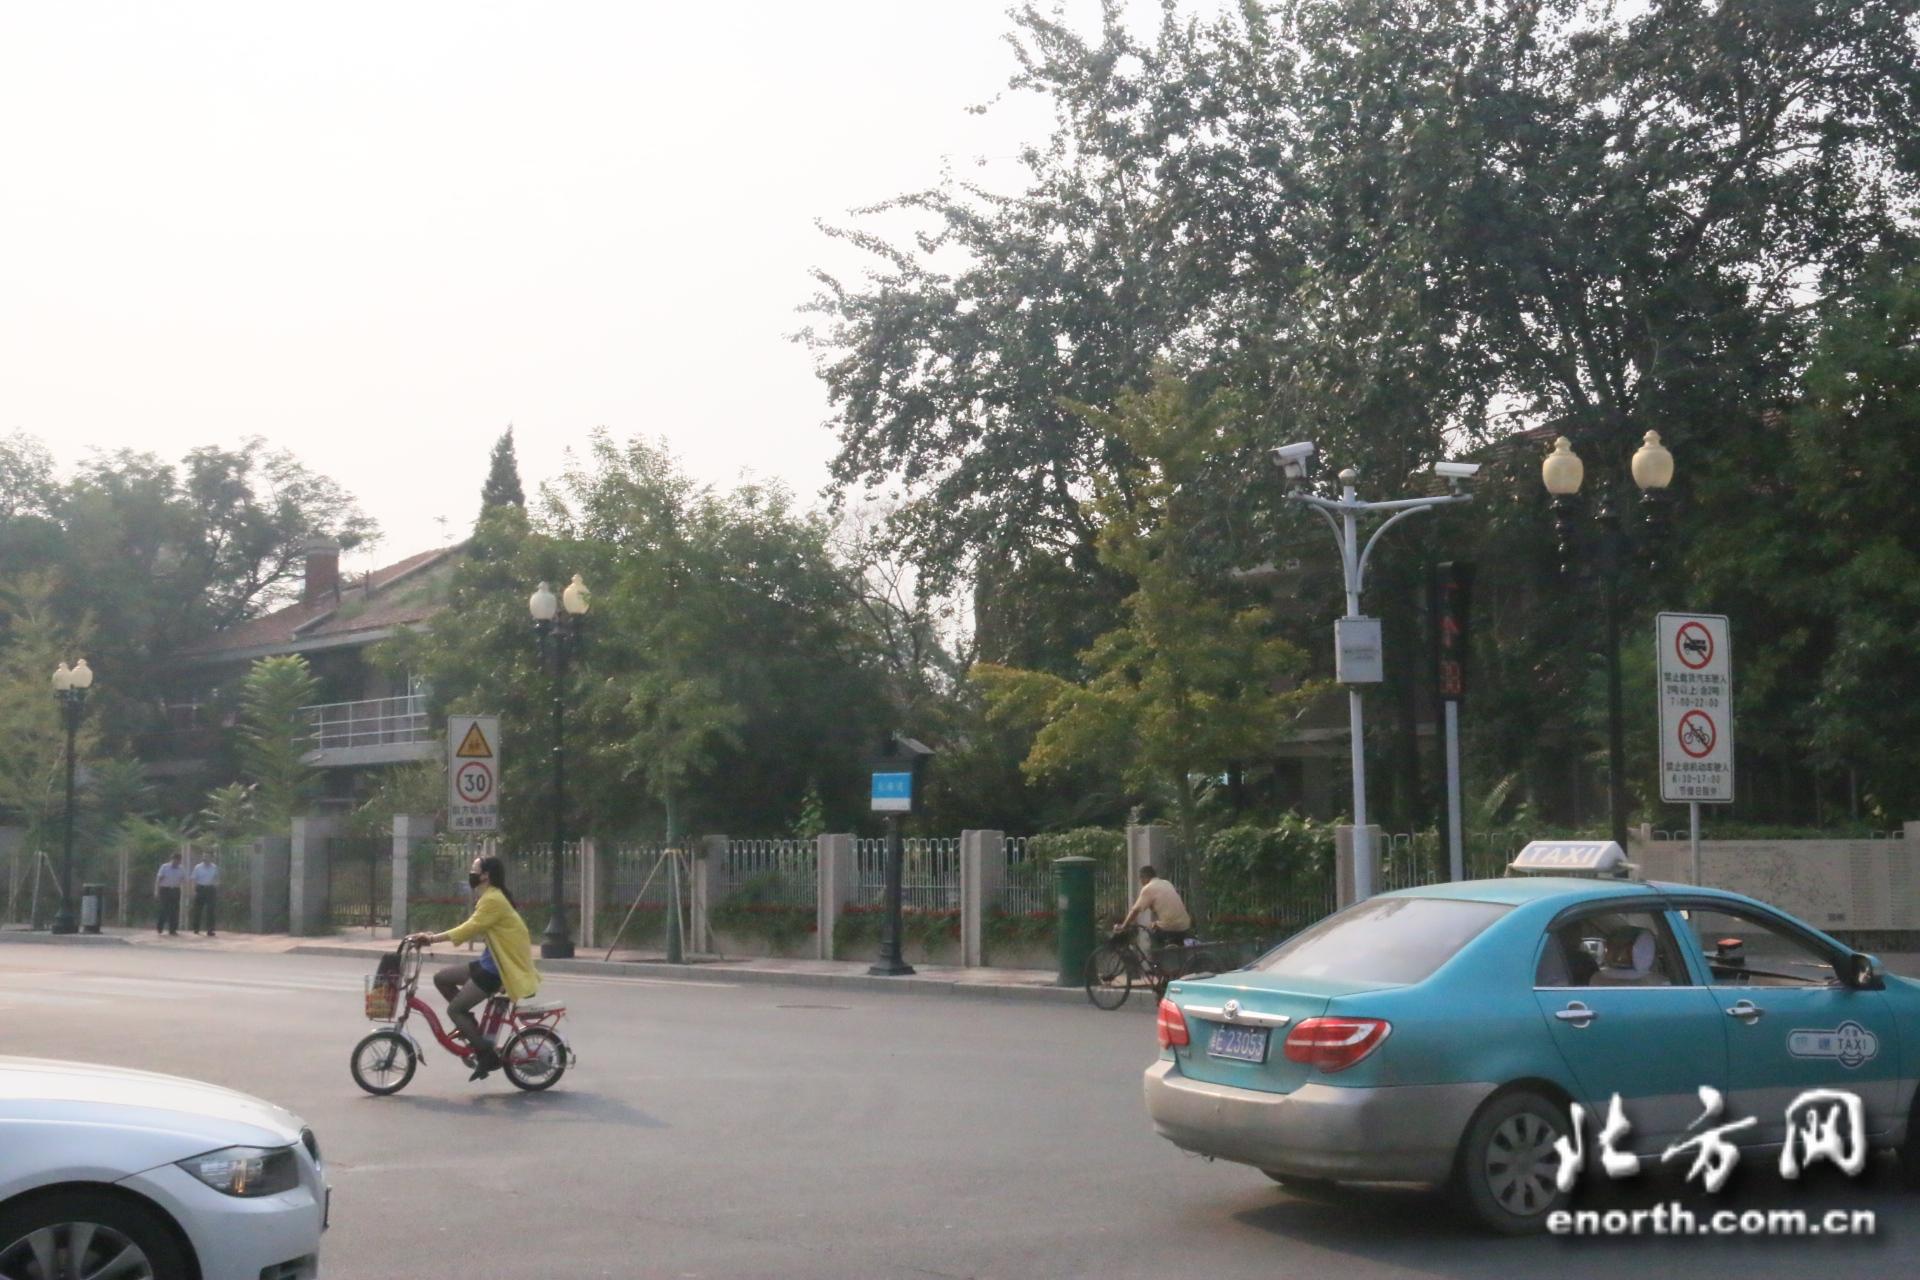 怎样短时间玩转天津五大道 超实用自助游攻略